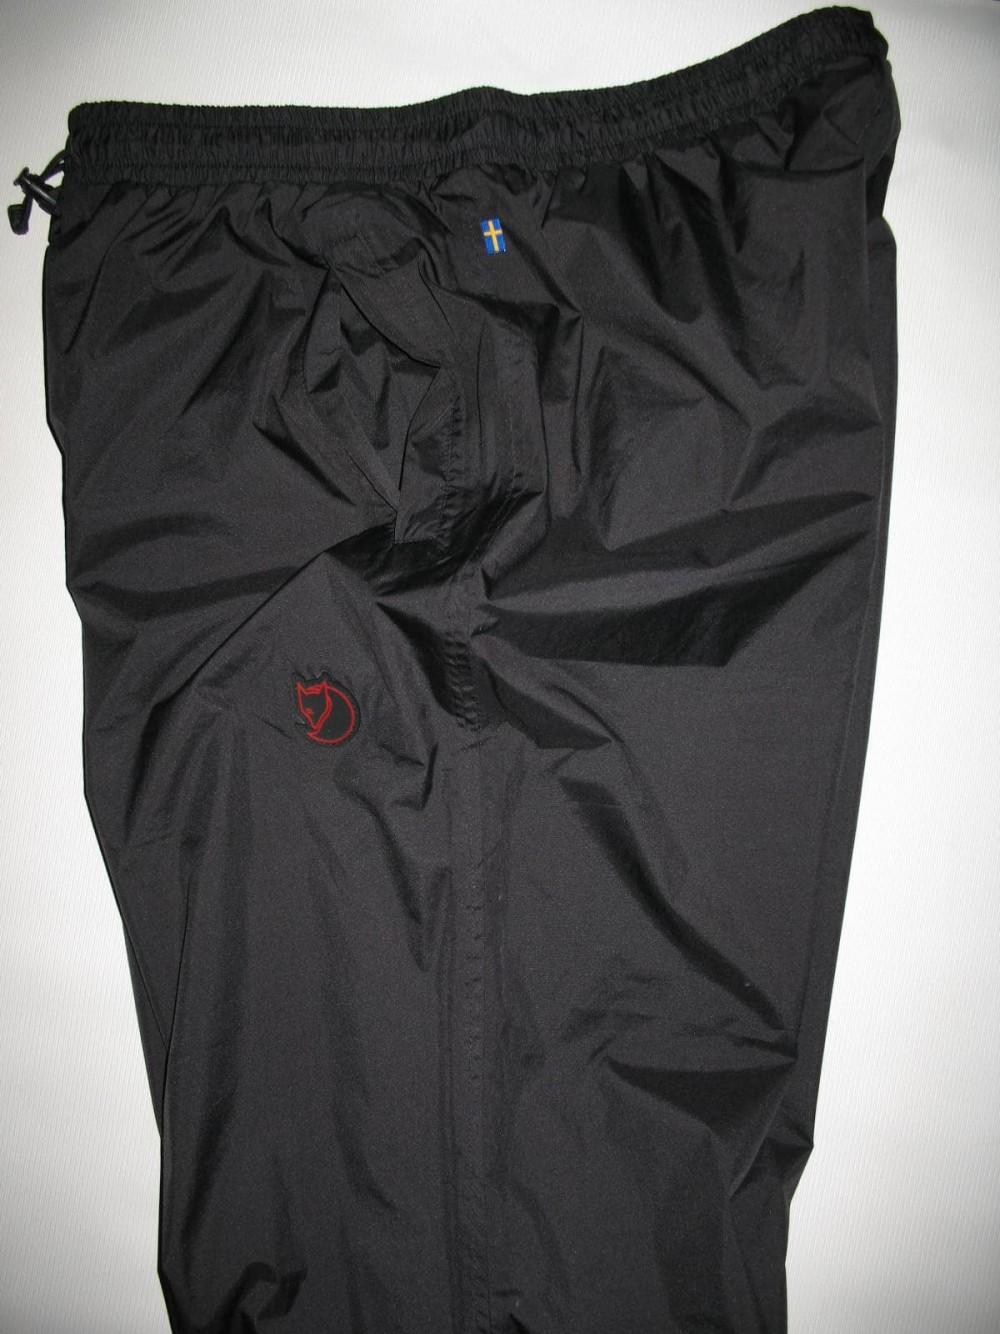 Штаны FJALLRAVEN storm pants (размер М/L) - 3